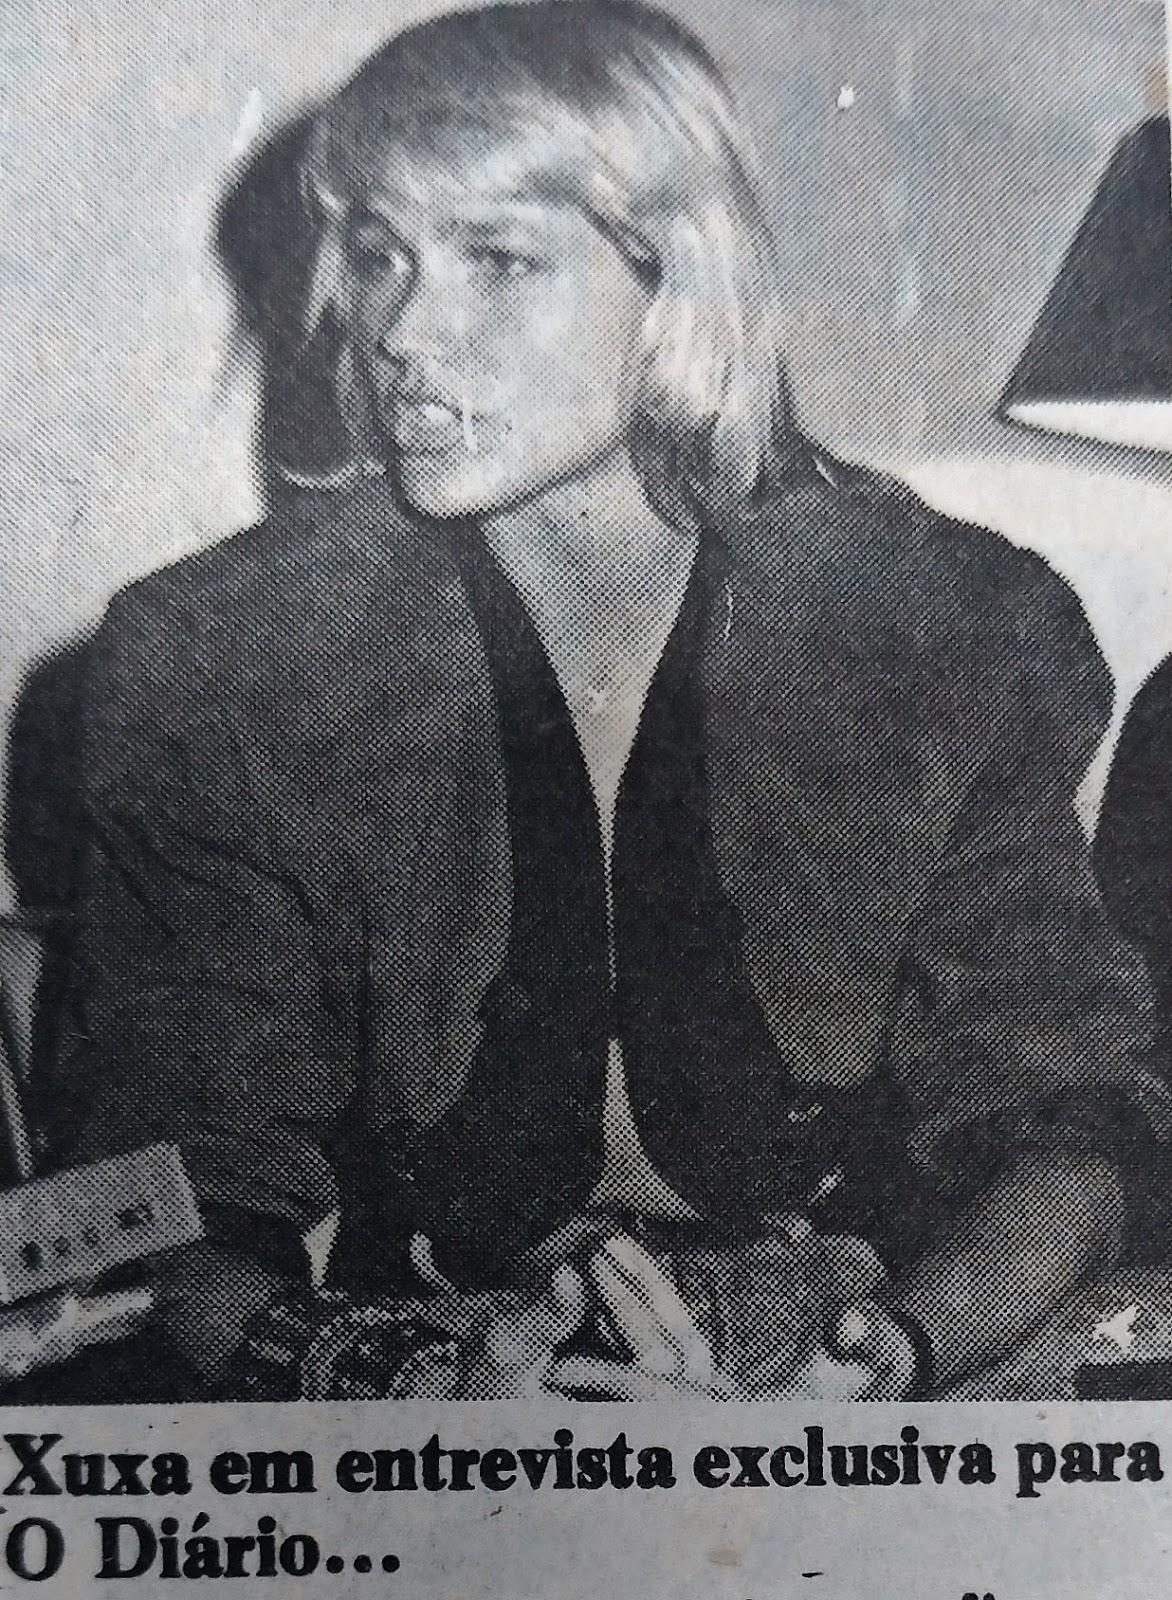 Show da Xuxa - Setembro de 1988